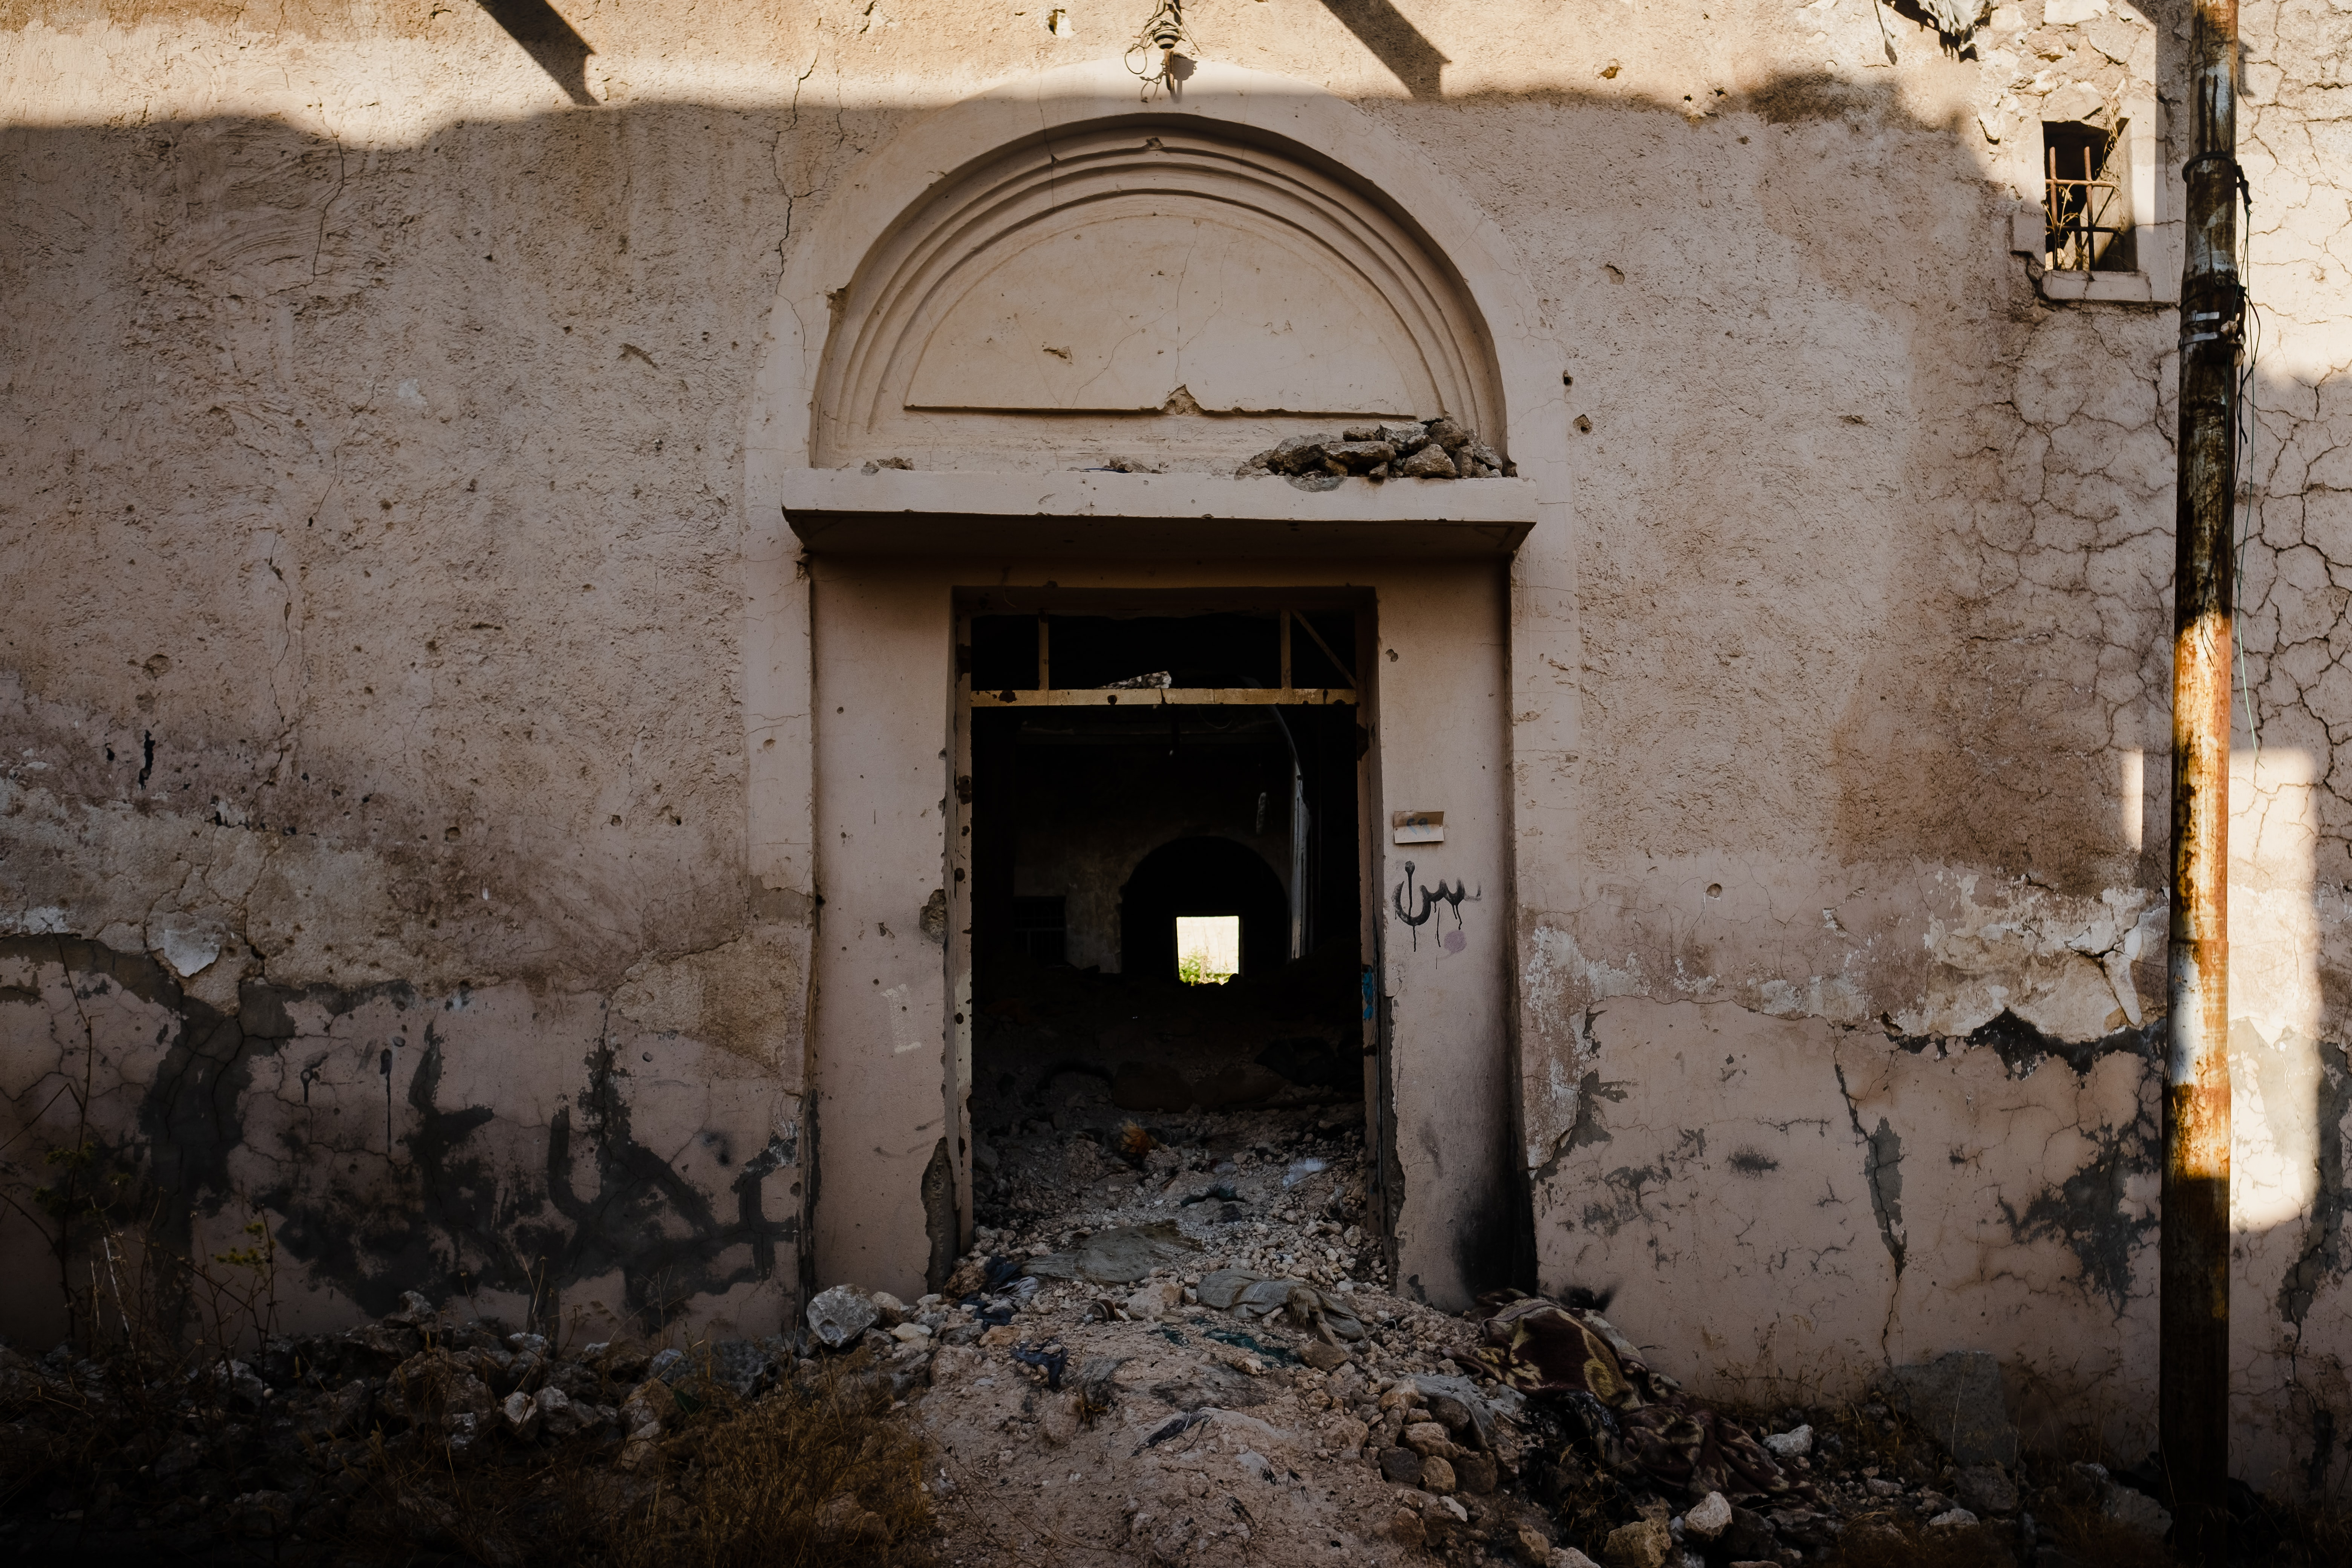 sinjar, Iraq, unsplash